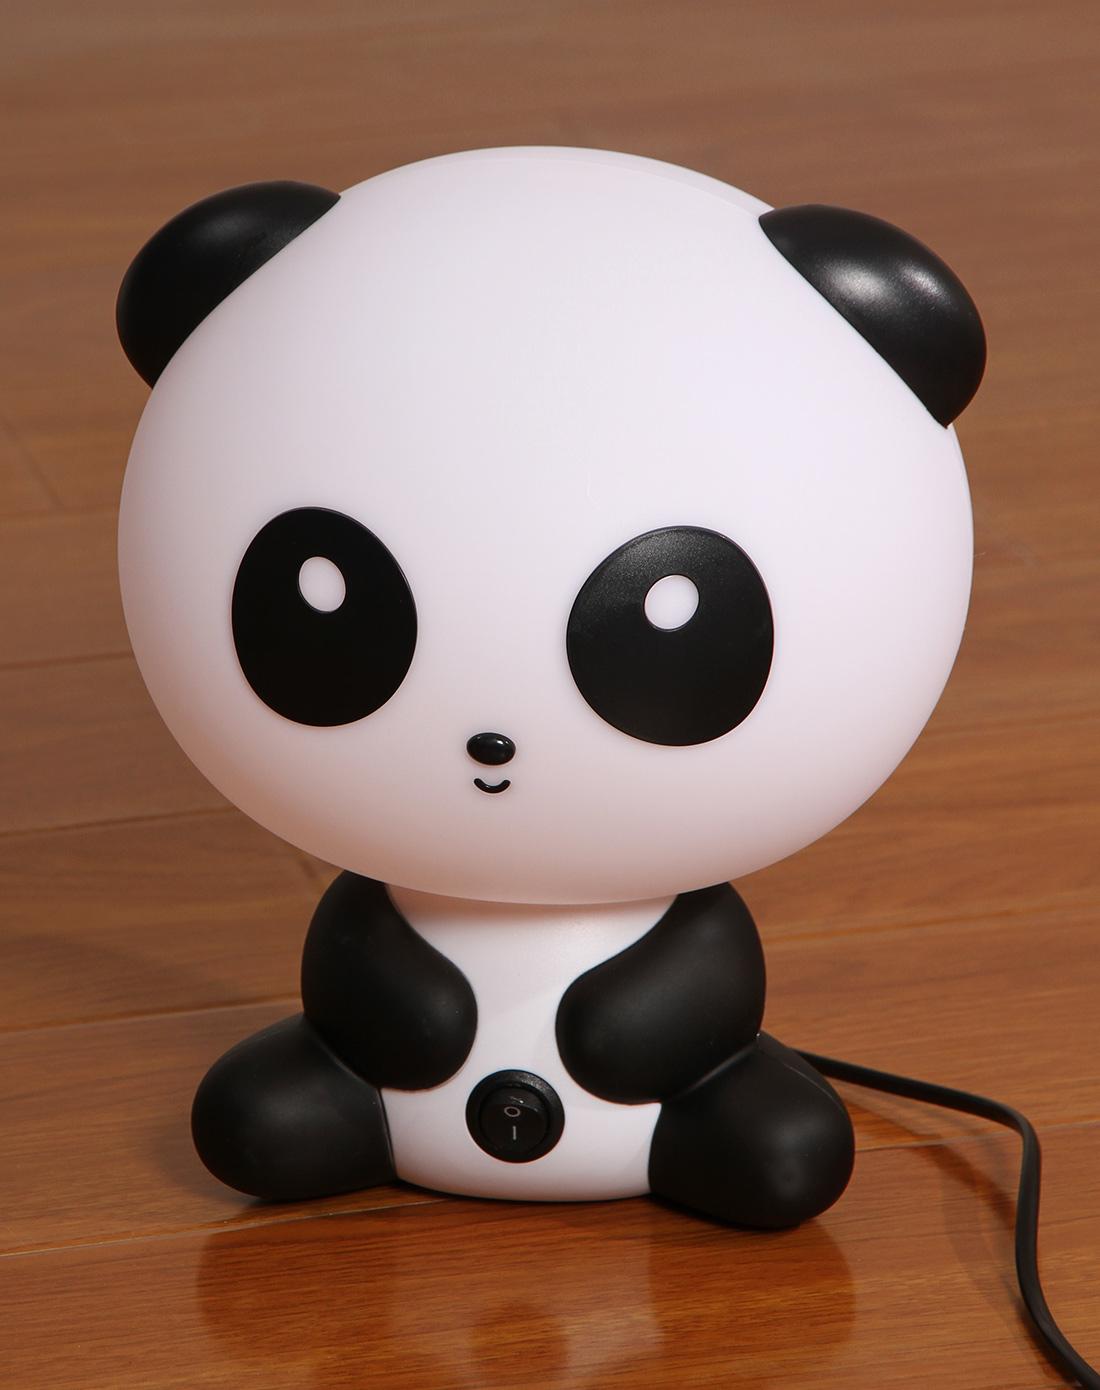 白黑色可爱熊猫台灯